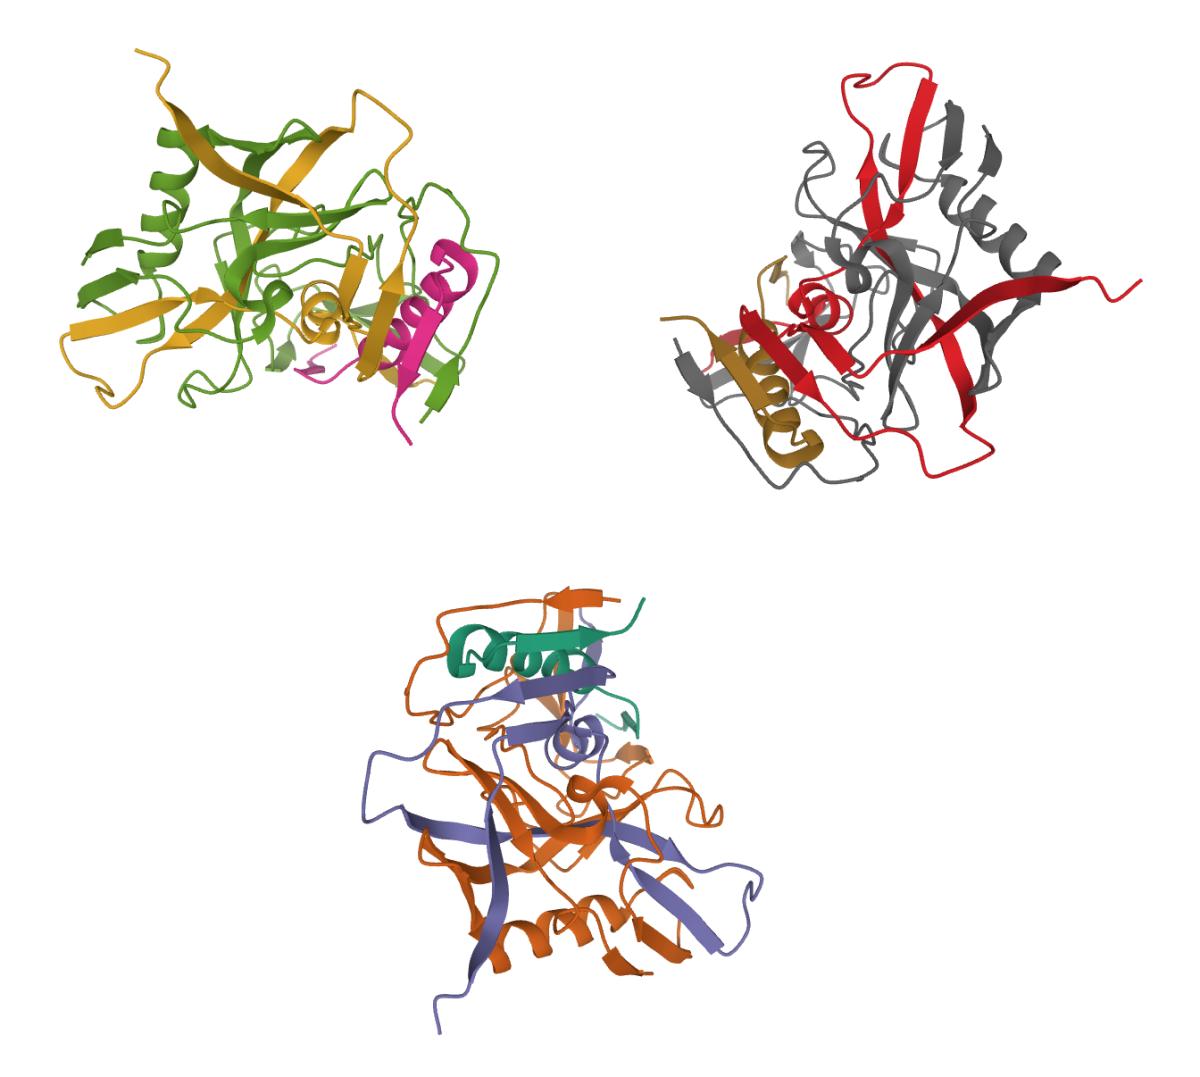 HIV-1 gp120 Protein